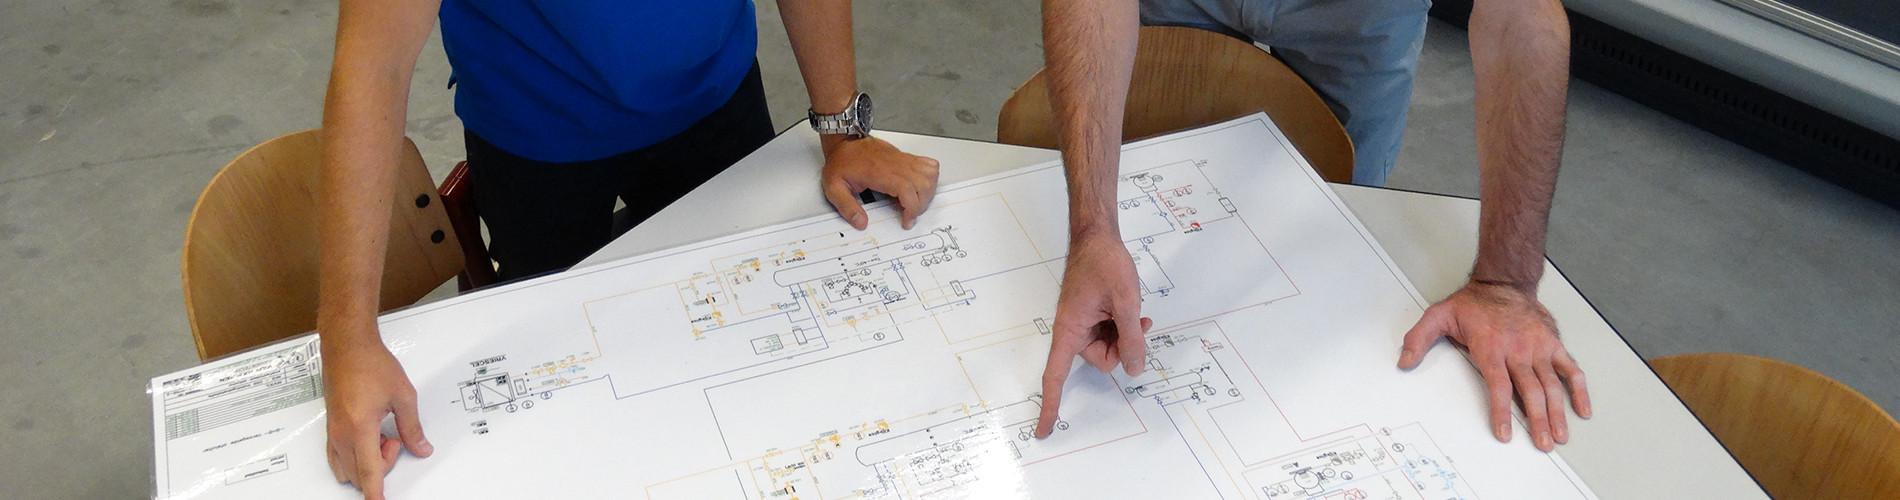 Koeltechnisch ontwerpen met synthetische koudemiddelen Doelstelling